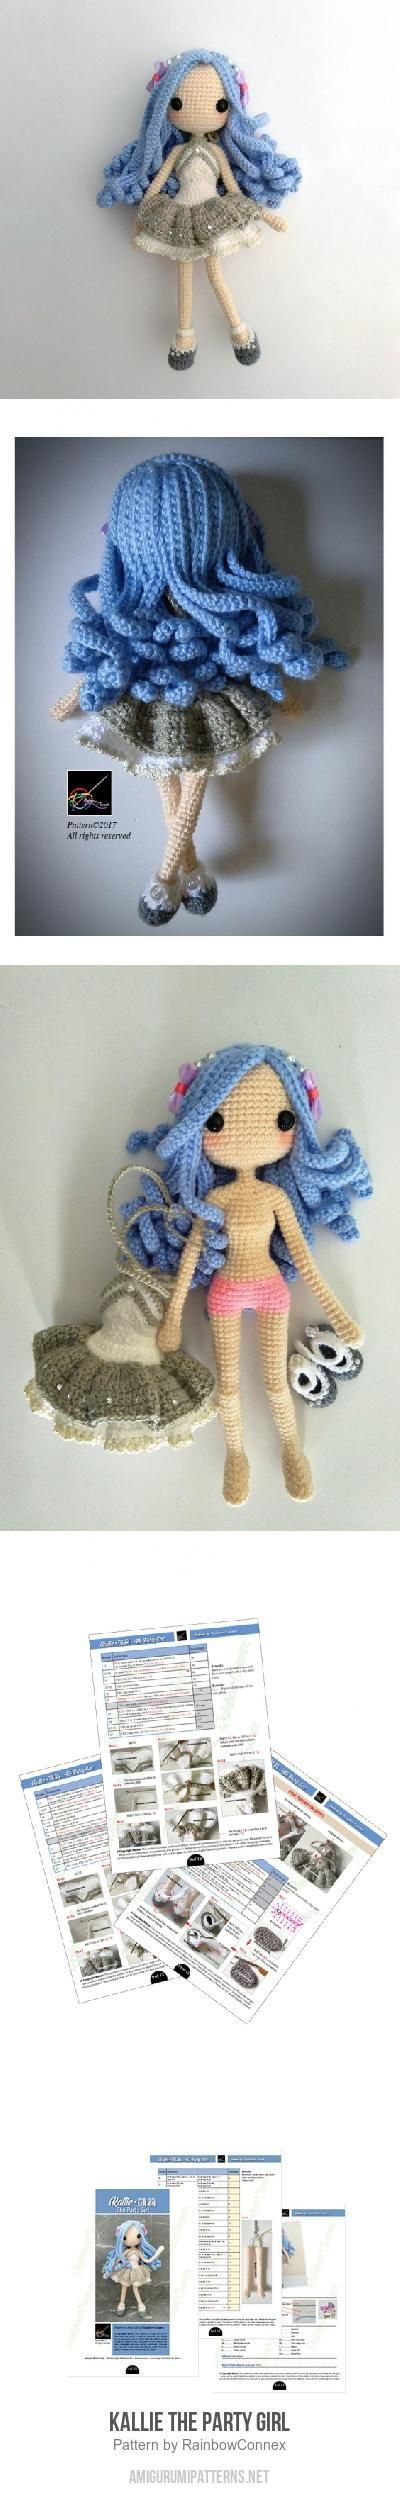 Kallie The Party Girl amigurumi pattern